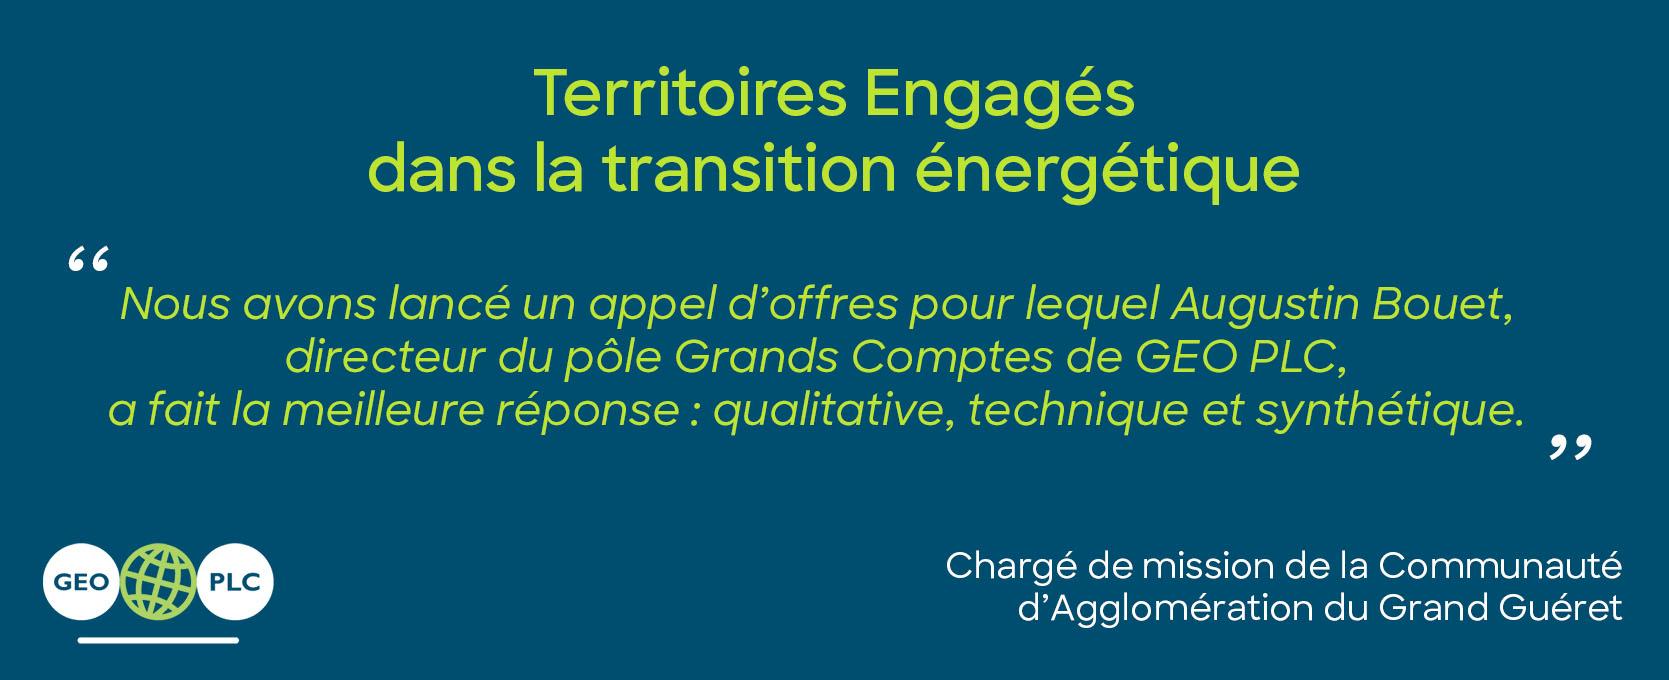 Territoires Engages citation grand gueret